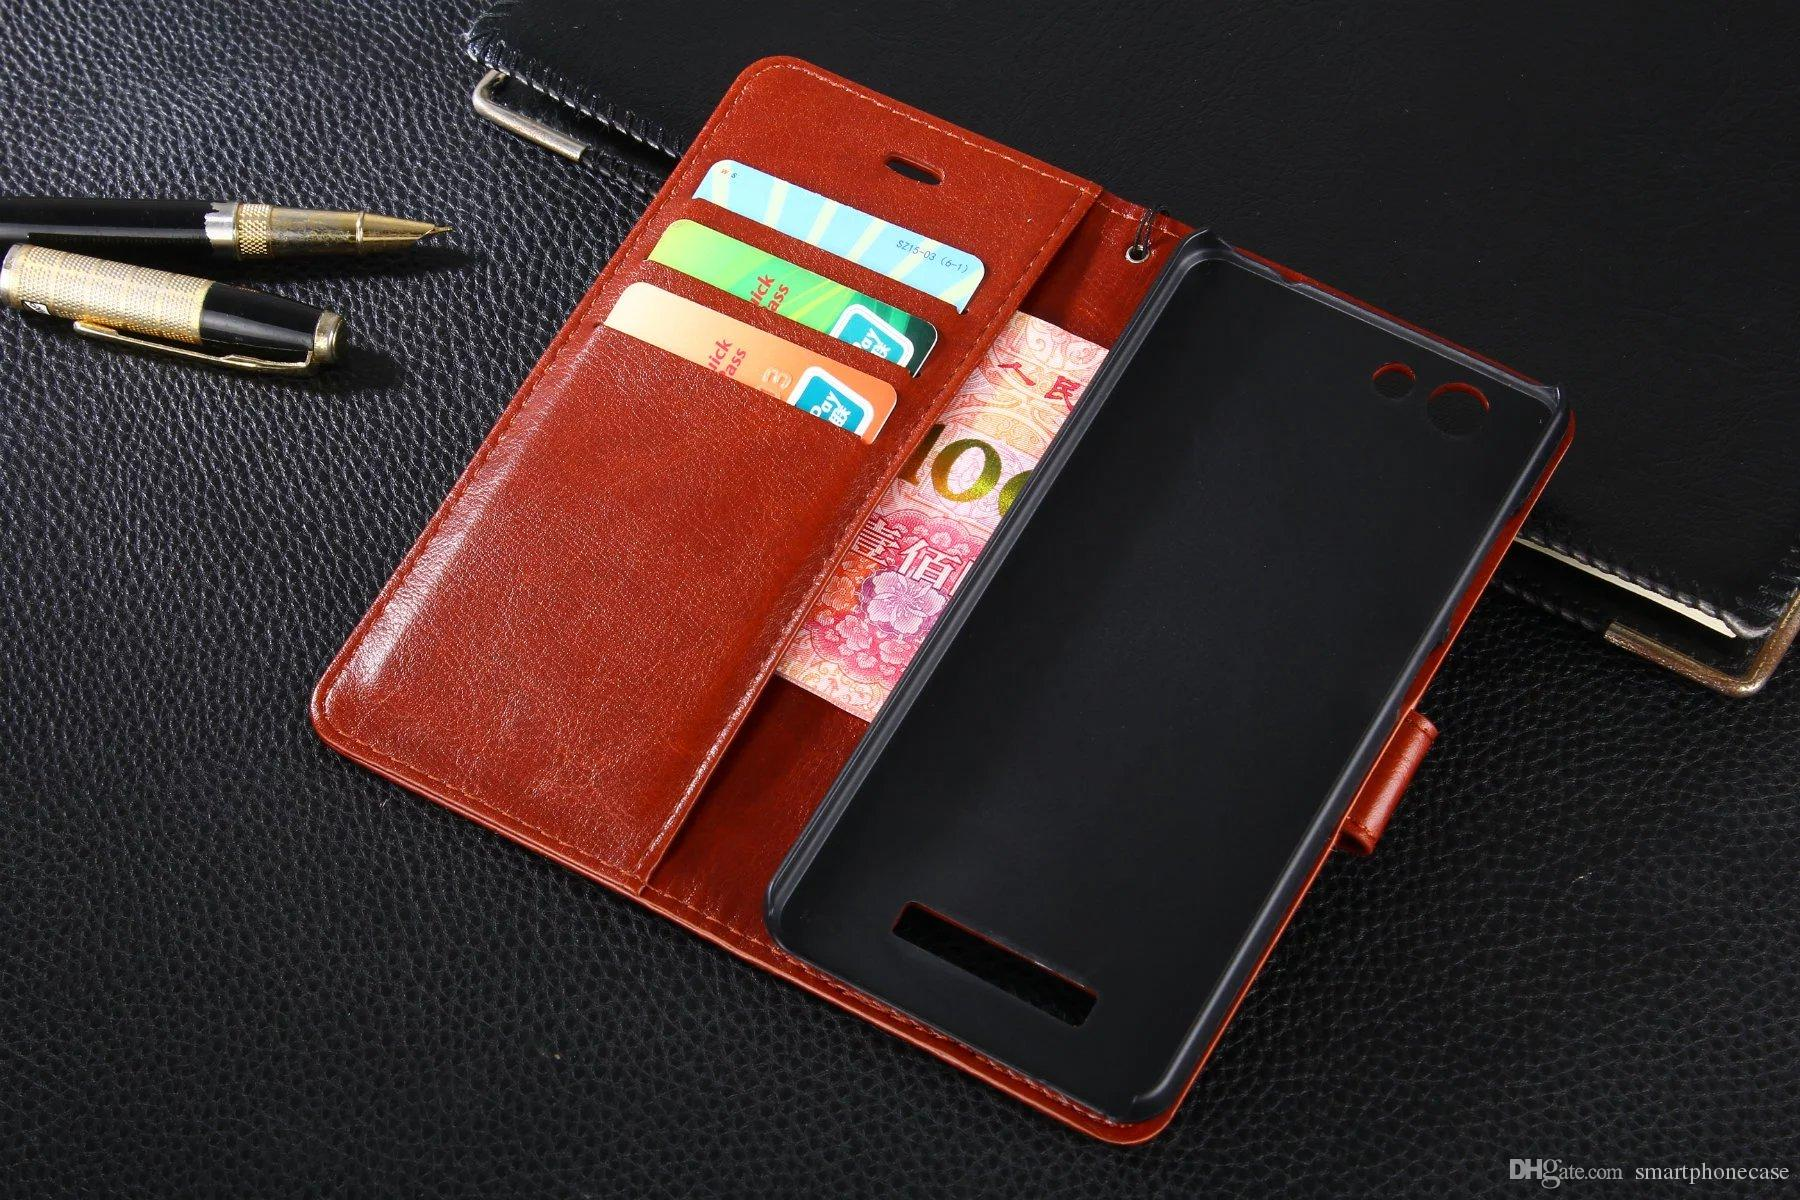 Gionee F103B 케이스 덮개를 위해 Gionee F103B를 위해 호화스러운 다채로운 본래 귀여운 호리 호리한 뒤꿈치 지갑 가죽 상자 덮개